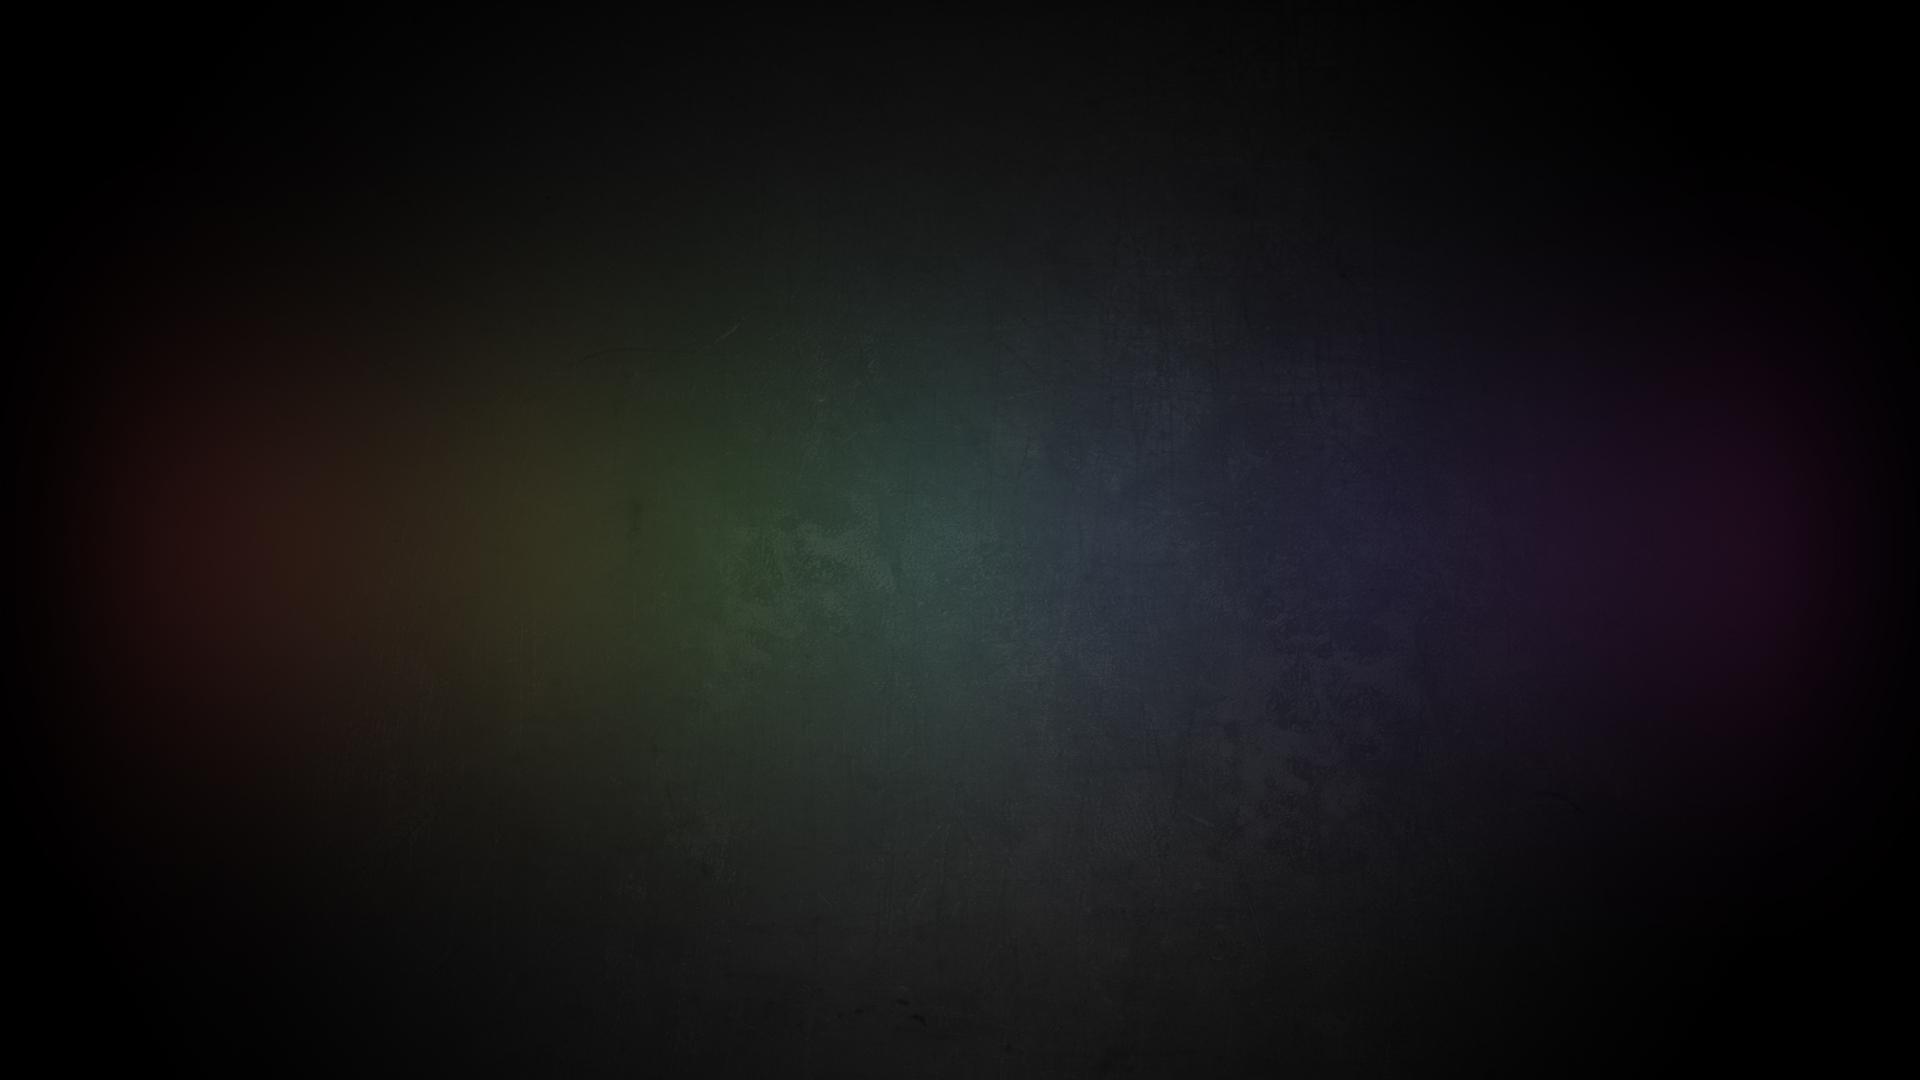 dark background 46615